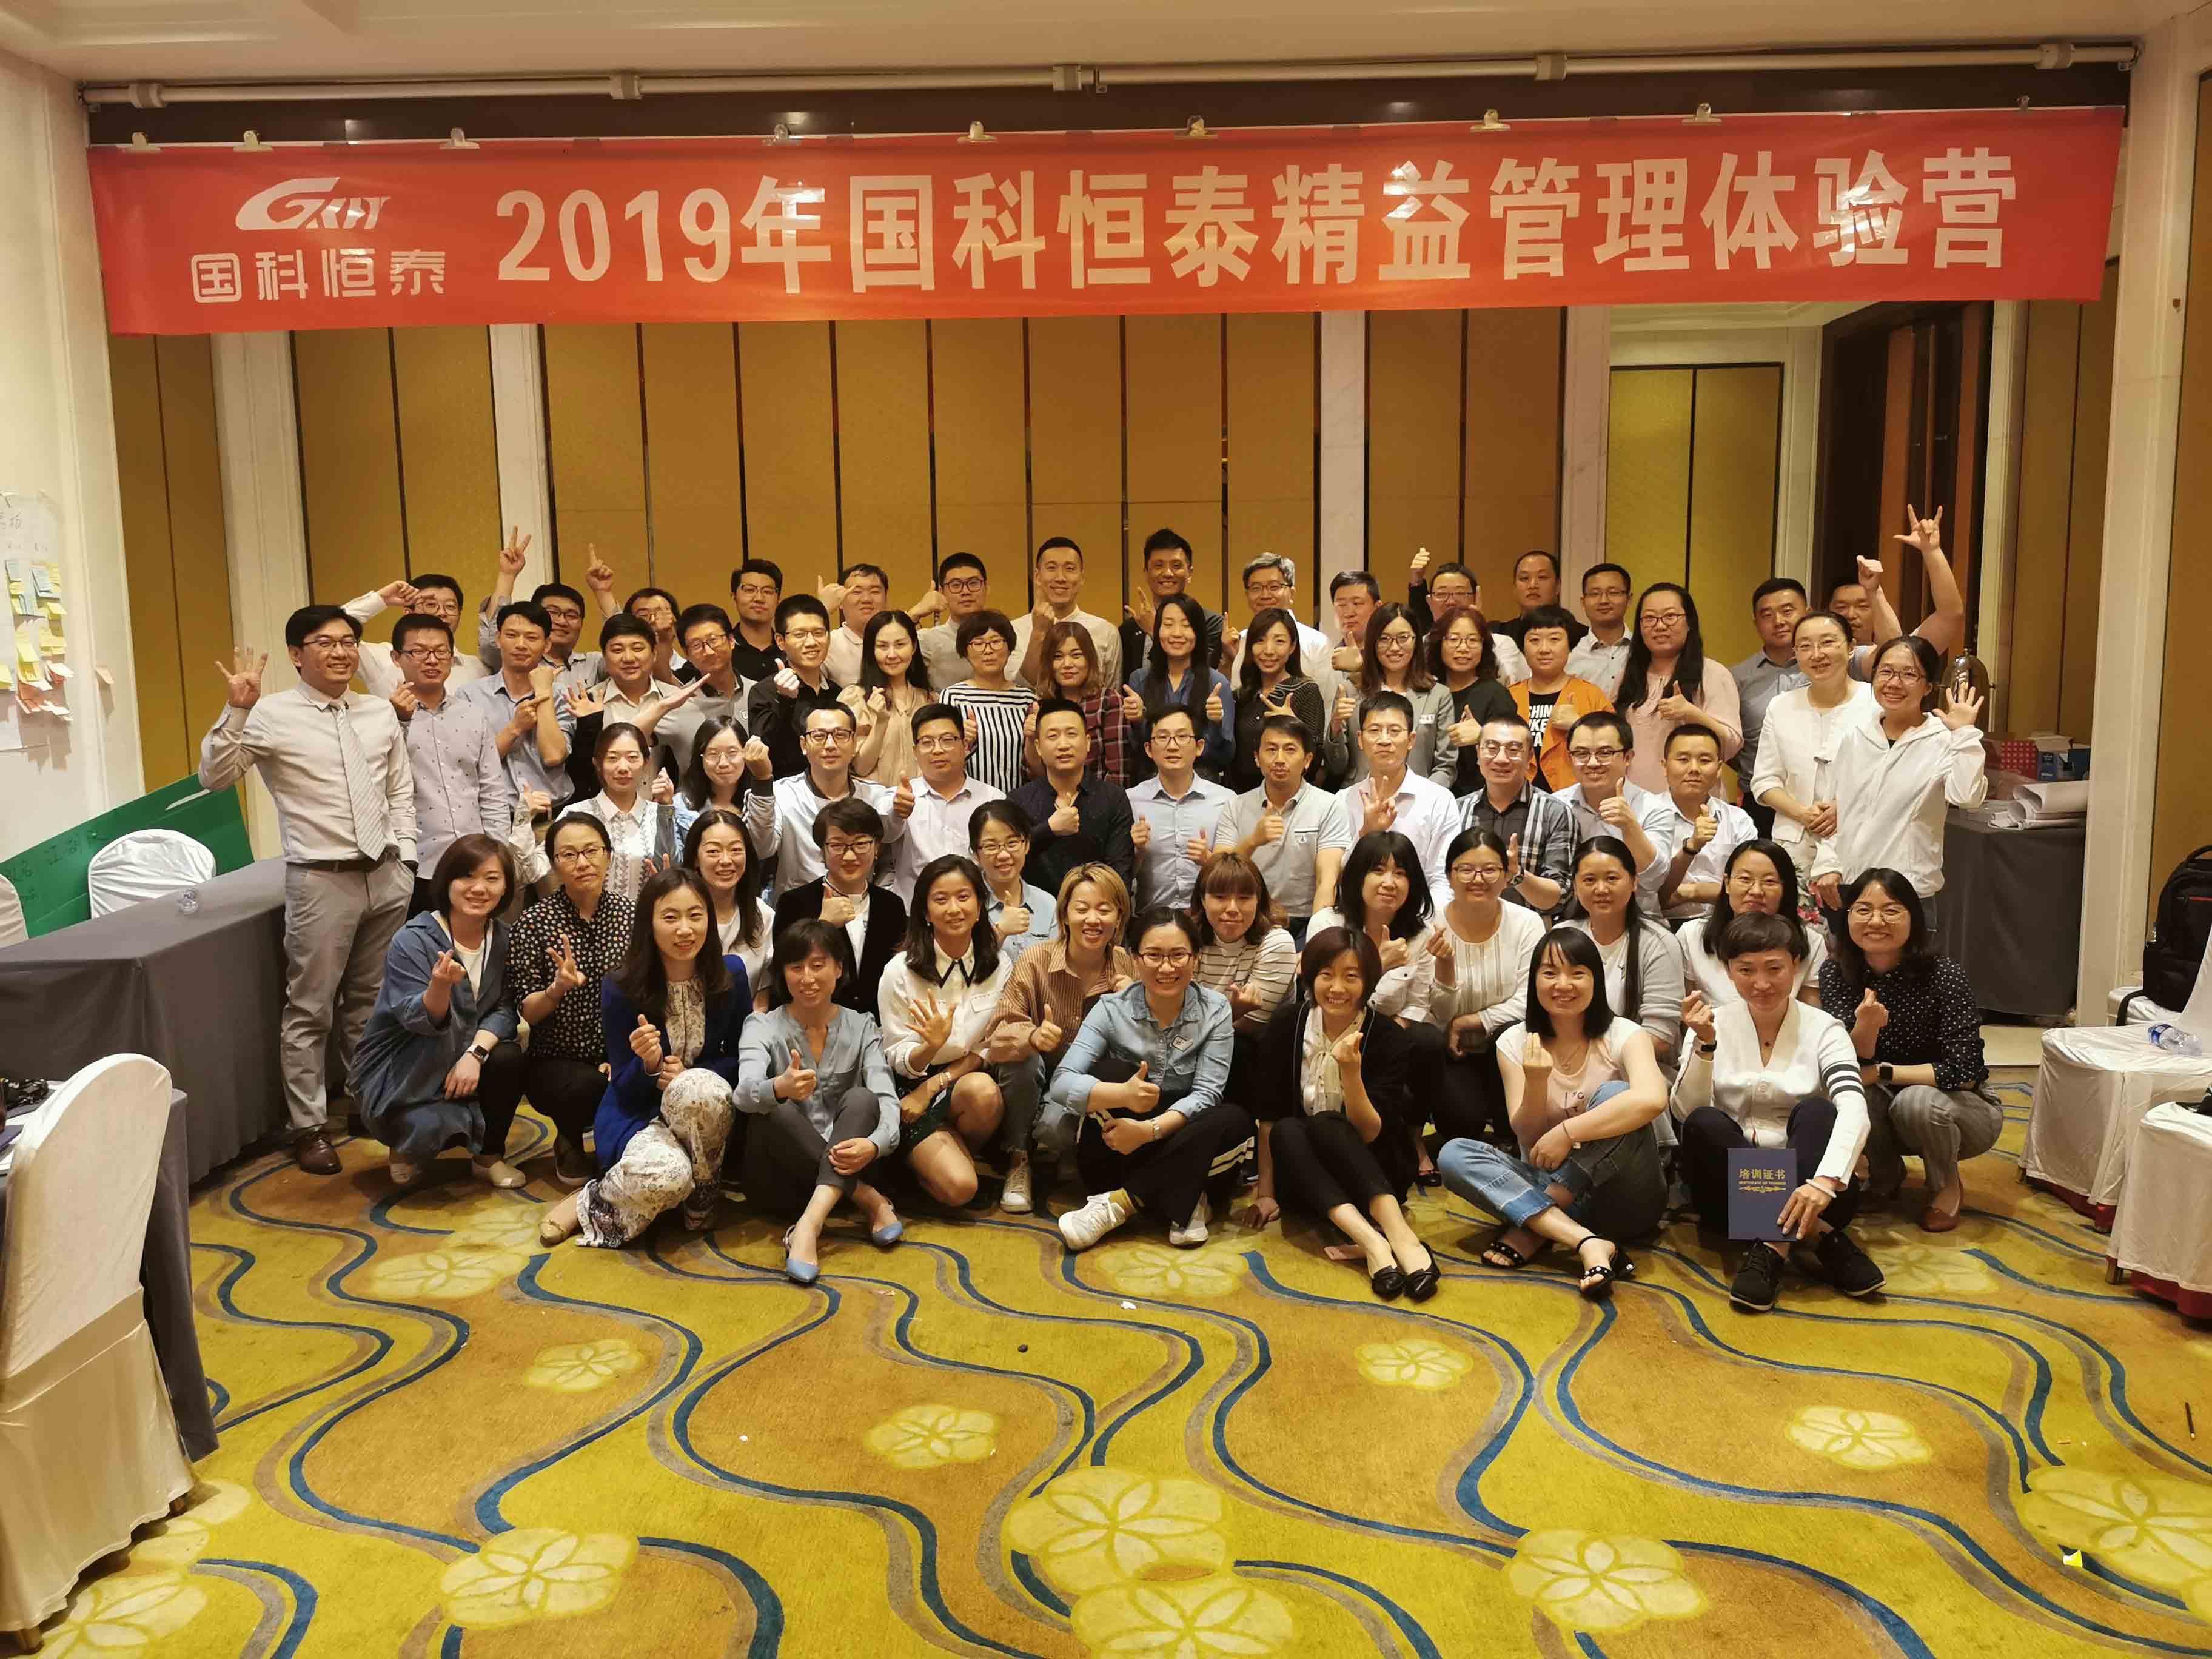 2019年国科恒泰精益管理体验营